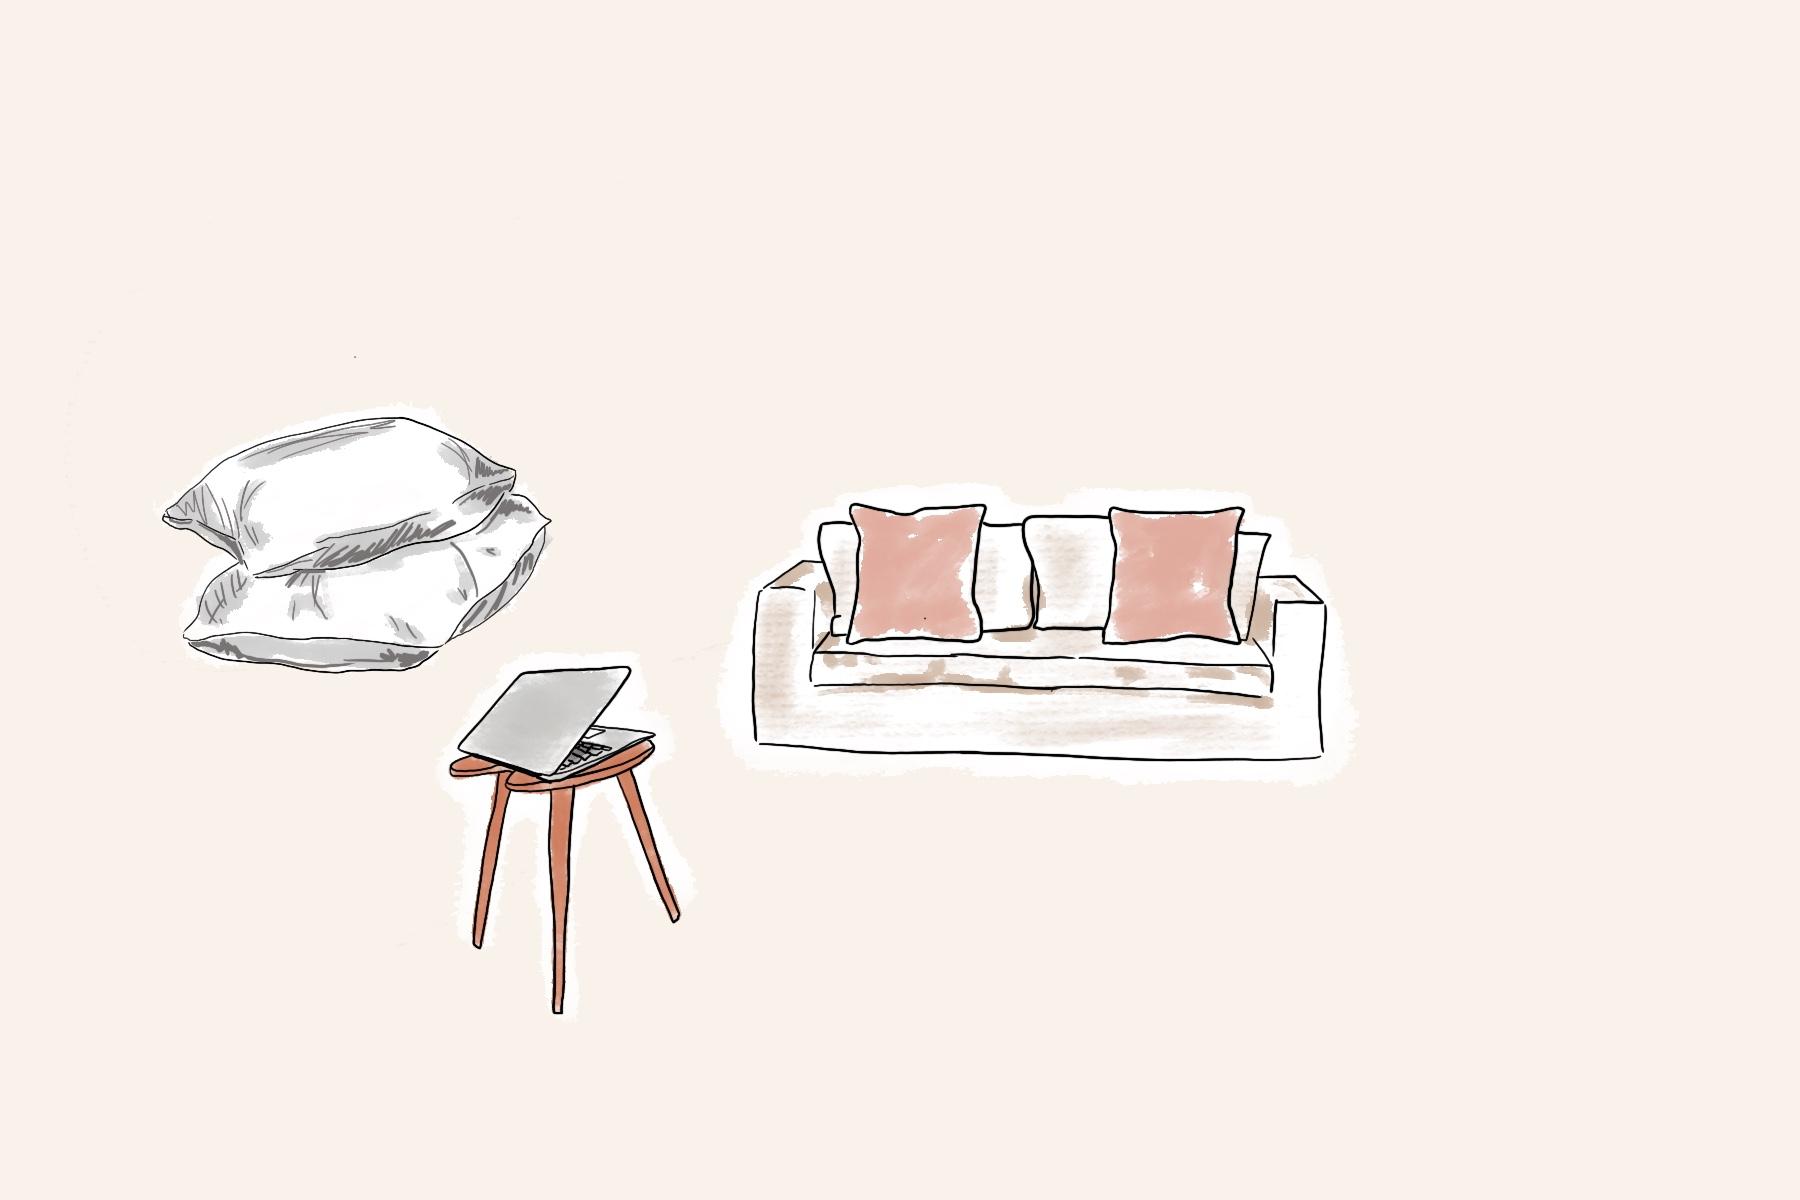 jak často uklízet ložnice jak často prát povlak na polštář jak často umývat notebook ilustrace